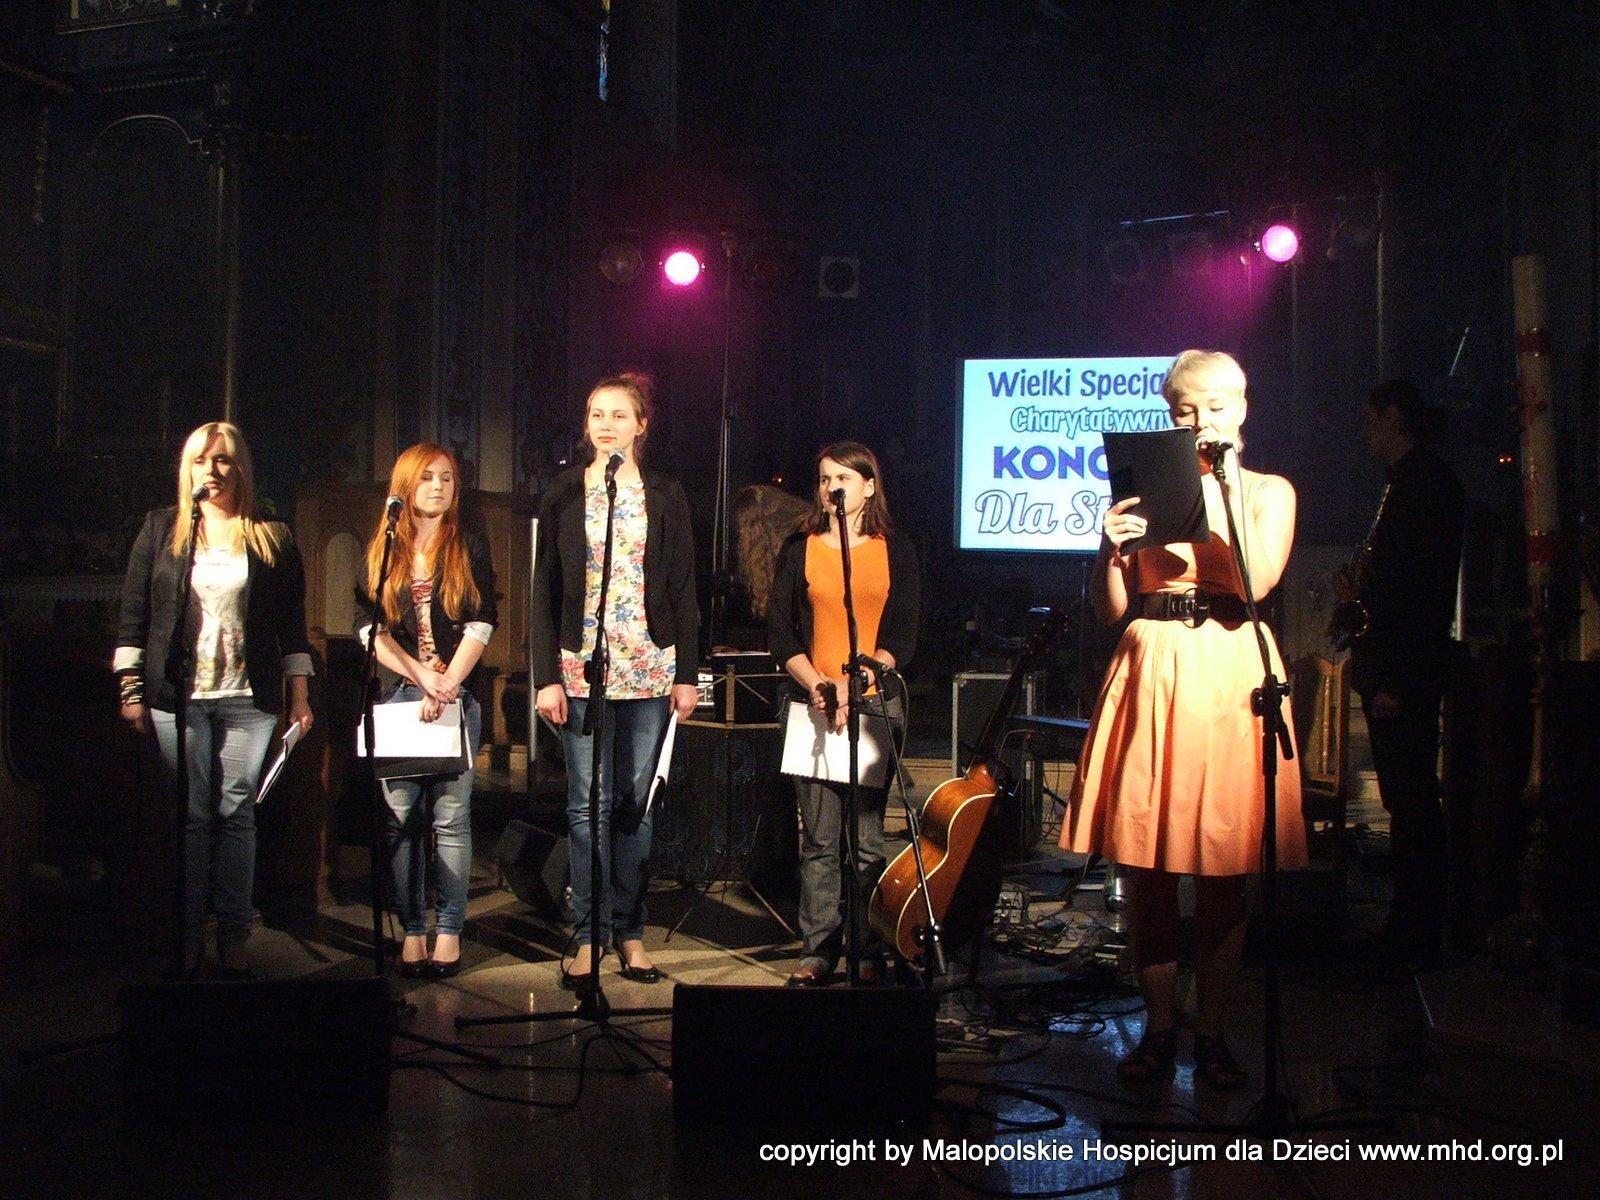 Koncert odbył się 2 sierpnia 2011 roku w kościele w Czarnym Dunajcu. Był marzeniem Stasia, które szybko spełnili wolontariusze i przyjaciele MHD :).  Obsługa techniczna: Harnaś Audio. Autor zdjęć: Robert Glac